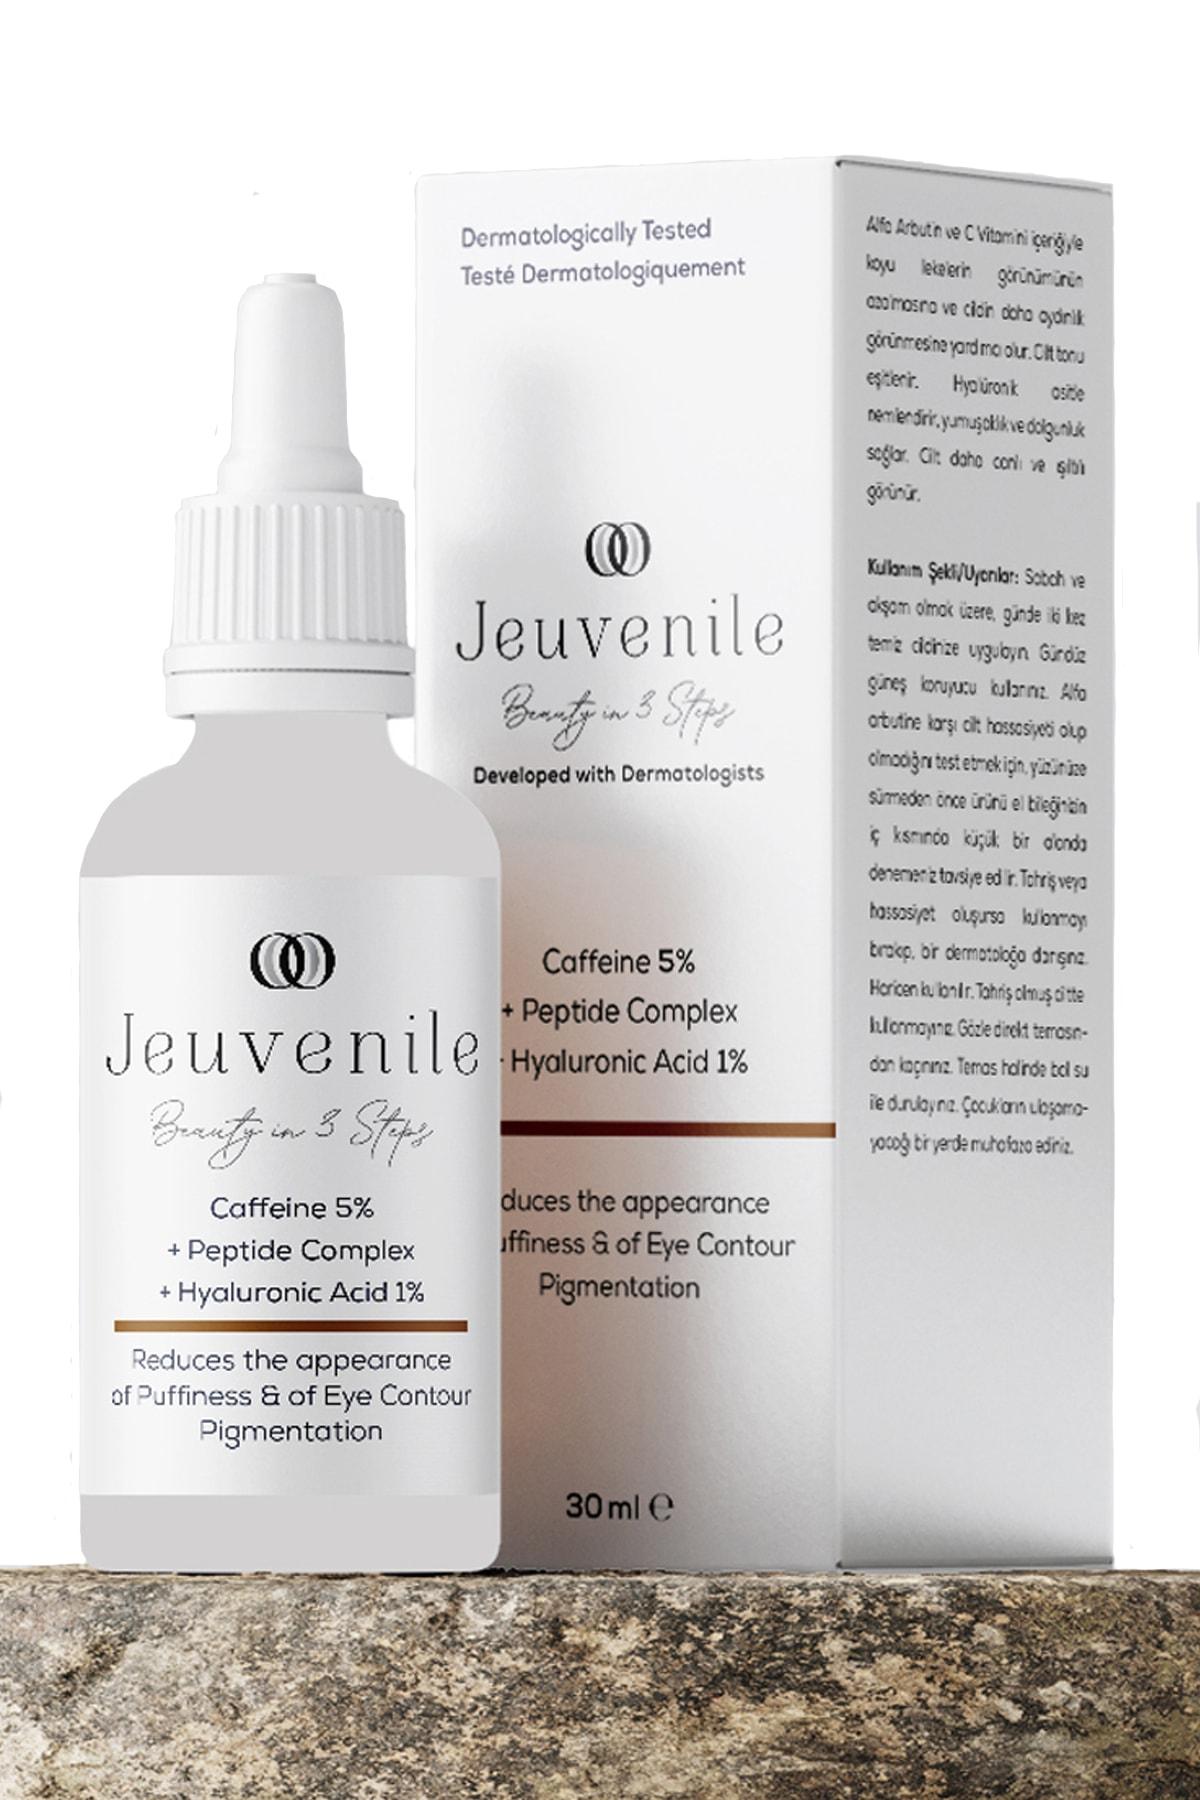 Jeuvenile Caffeine %5 + Peptide Complex + Hyaluronic Acid %1 Göz Altı Torbası Ve Morluk Serumu 30 Ml 1